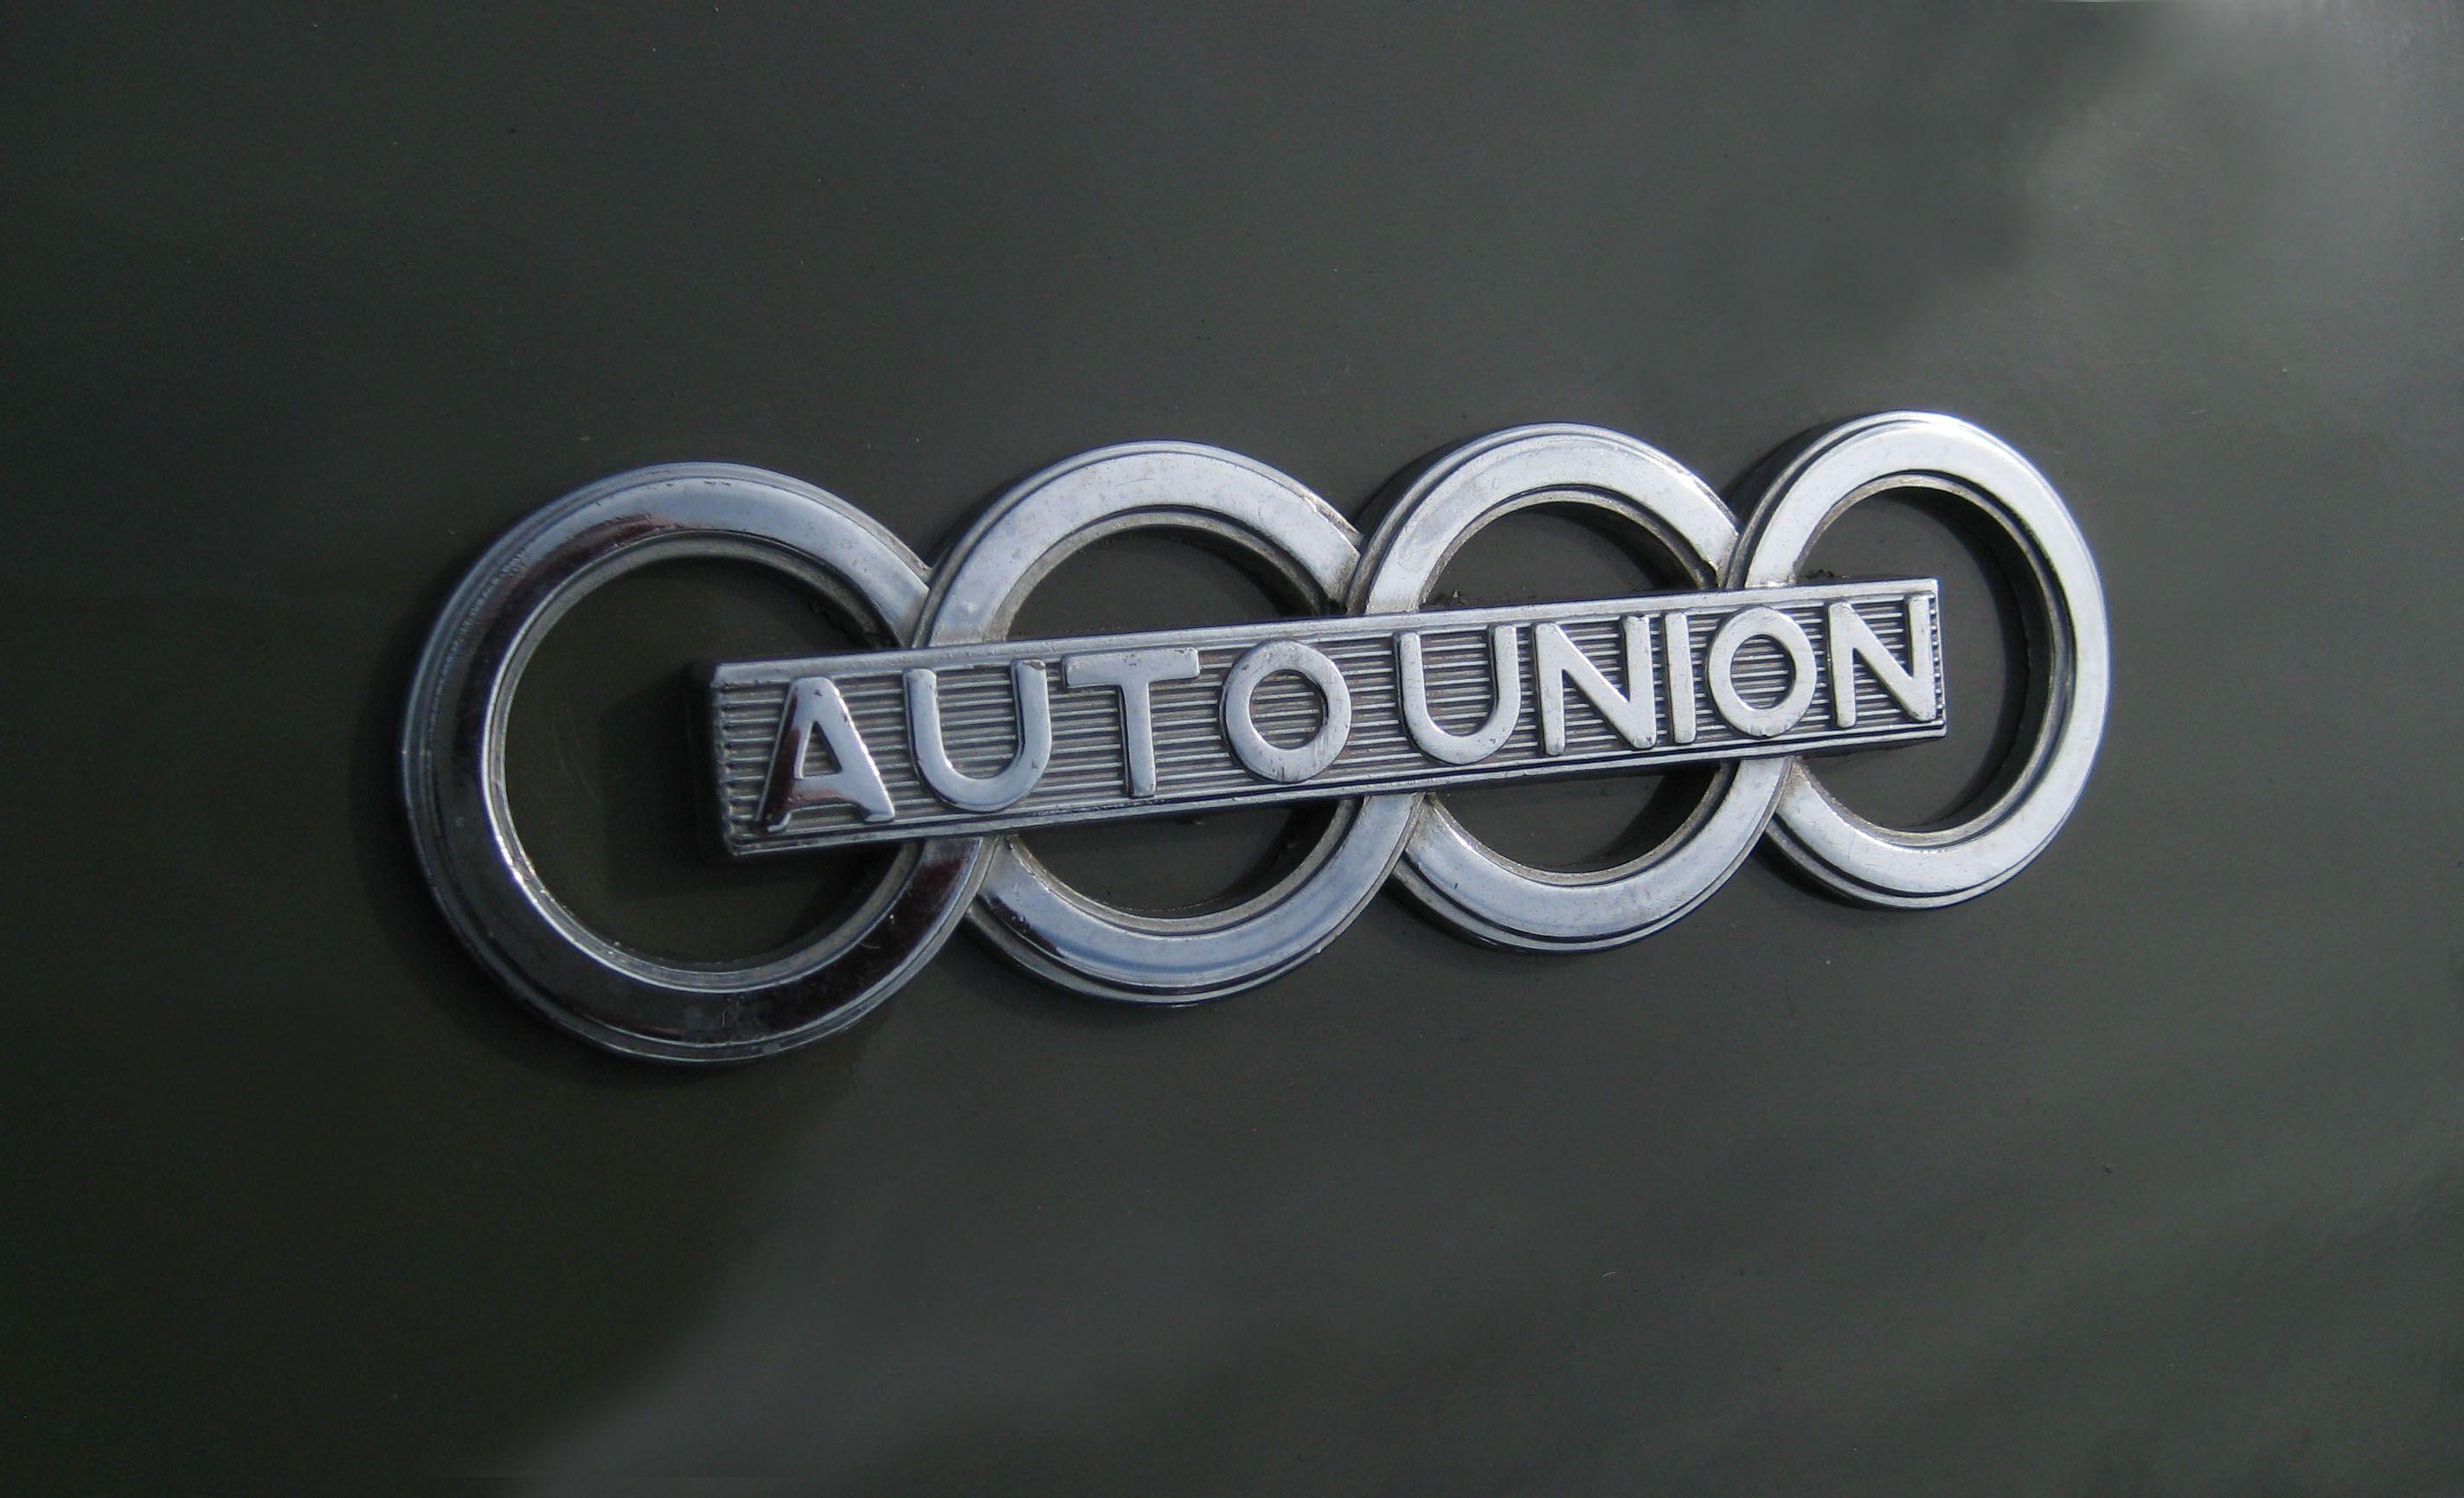 Zanimljivost večeri: Da li ste znali da je Daimler posedovao Audi?